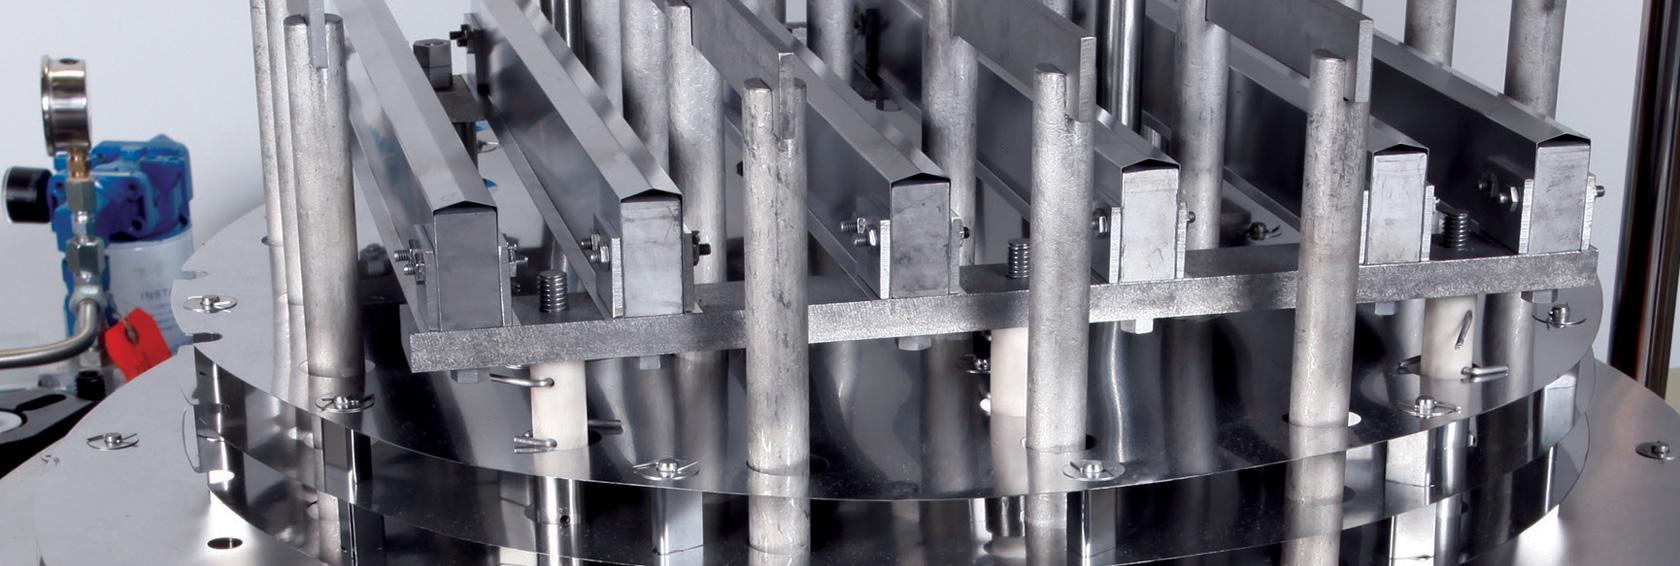 VFE high temperature vacuum furnaces